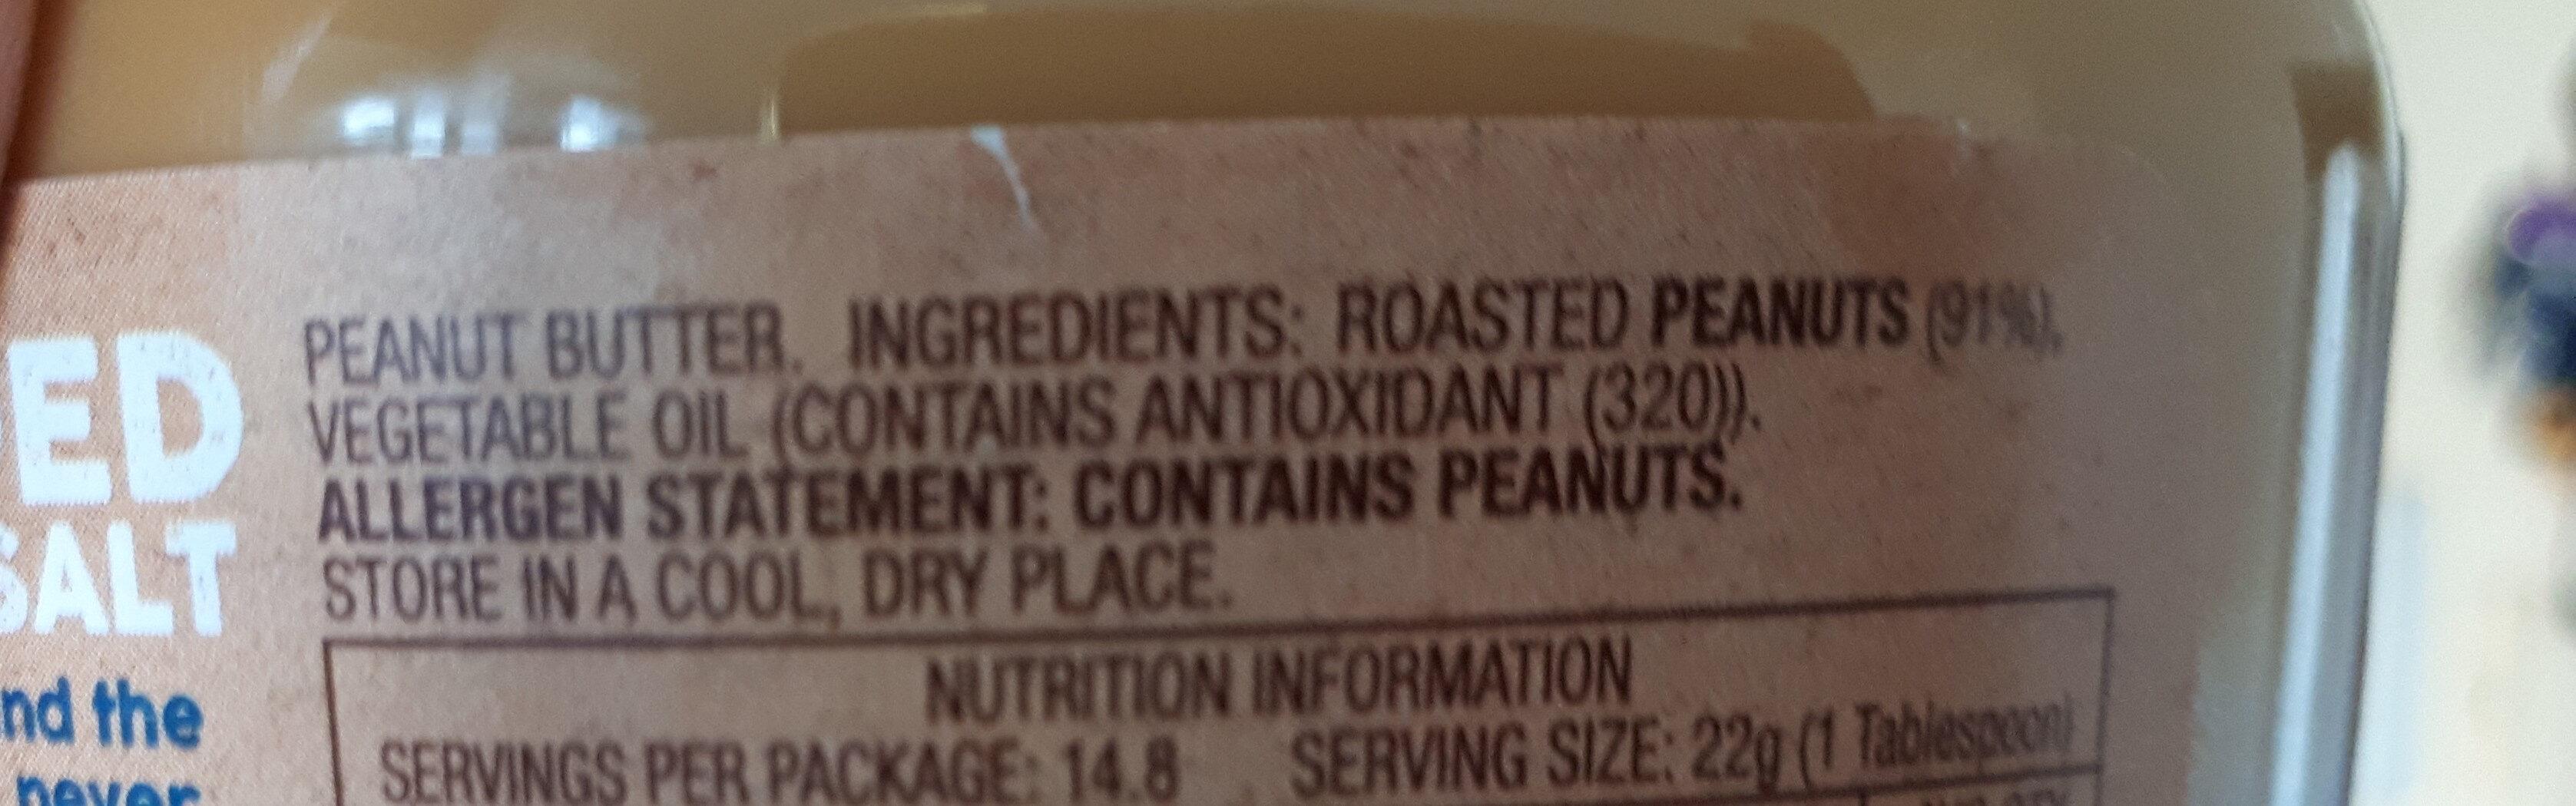 Peanut Butter No Added Sugar or Salt - Ingredients - en